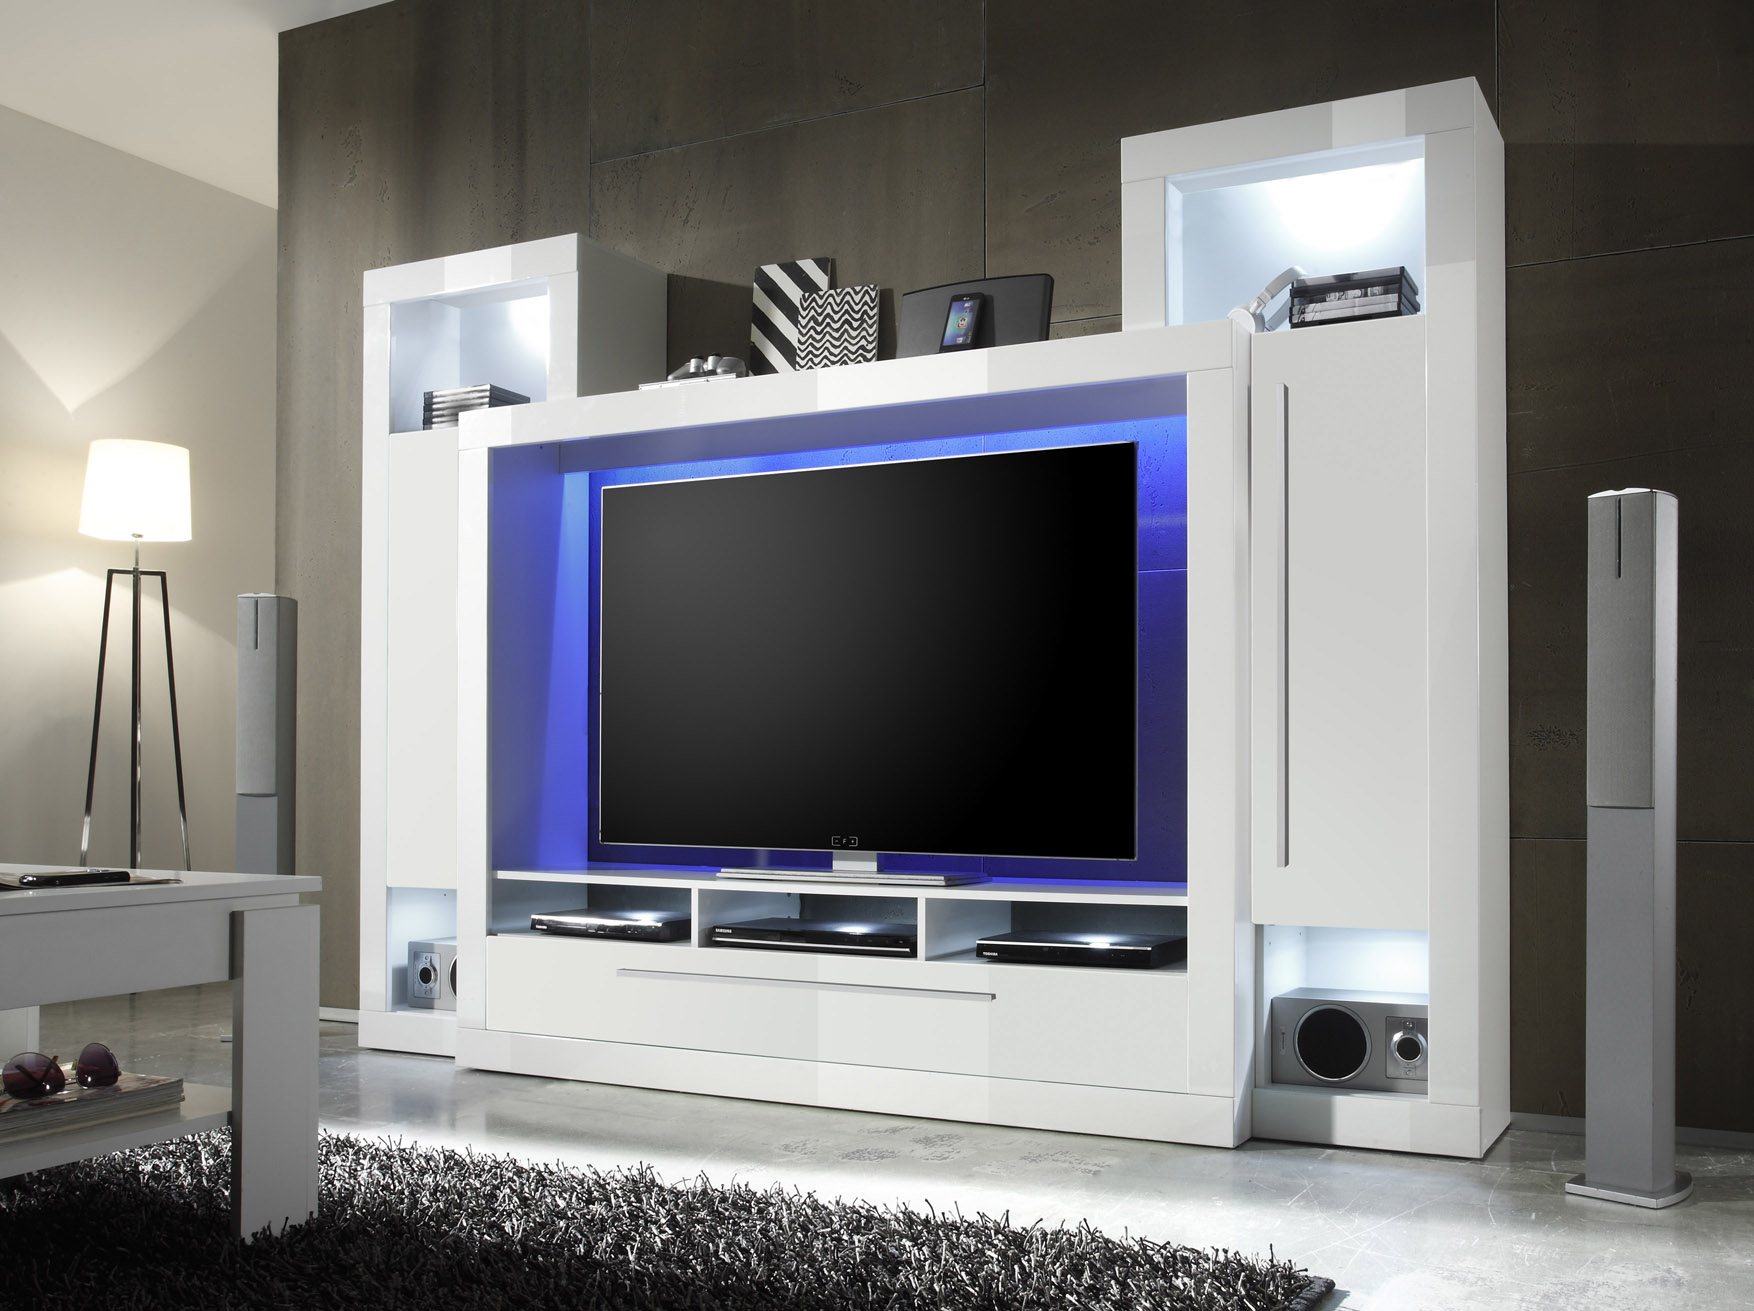 Designermöbel Guenstig: Moderne möbel günstig bei uns online ...